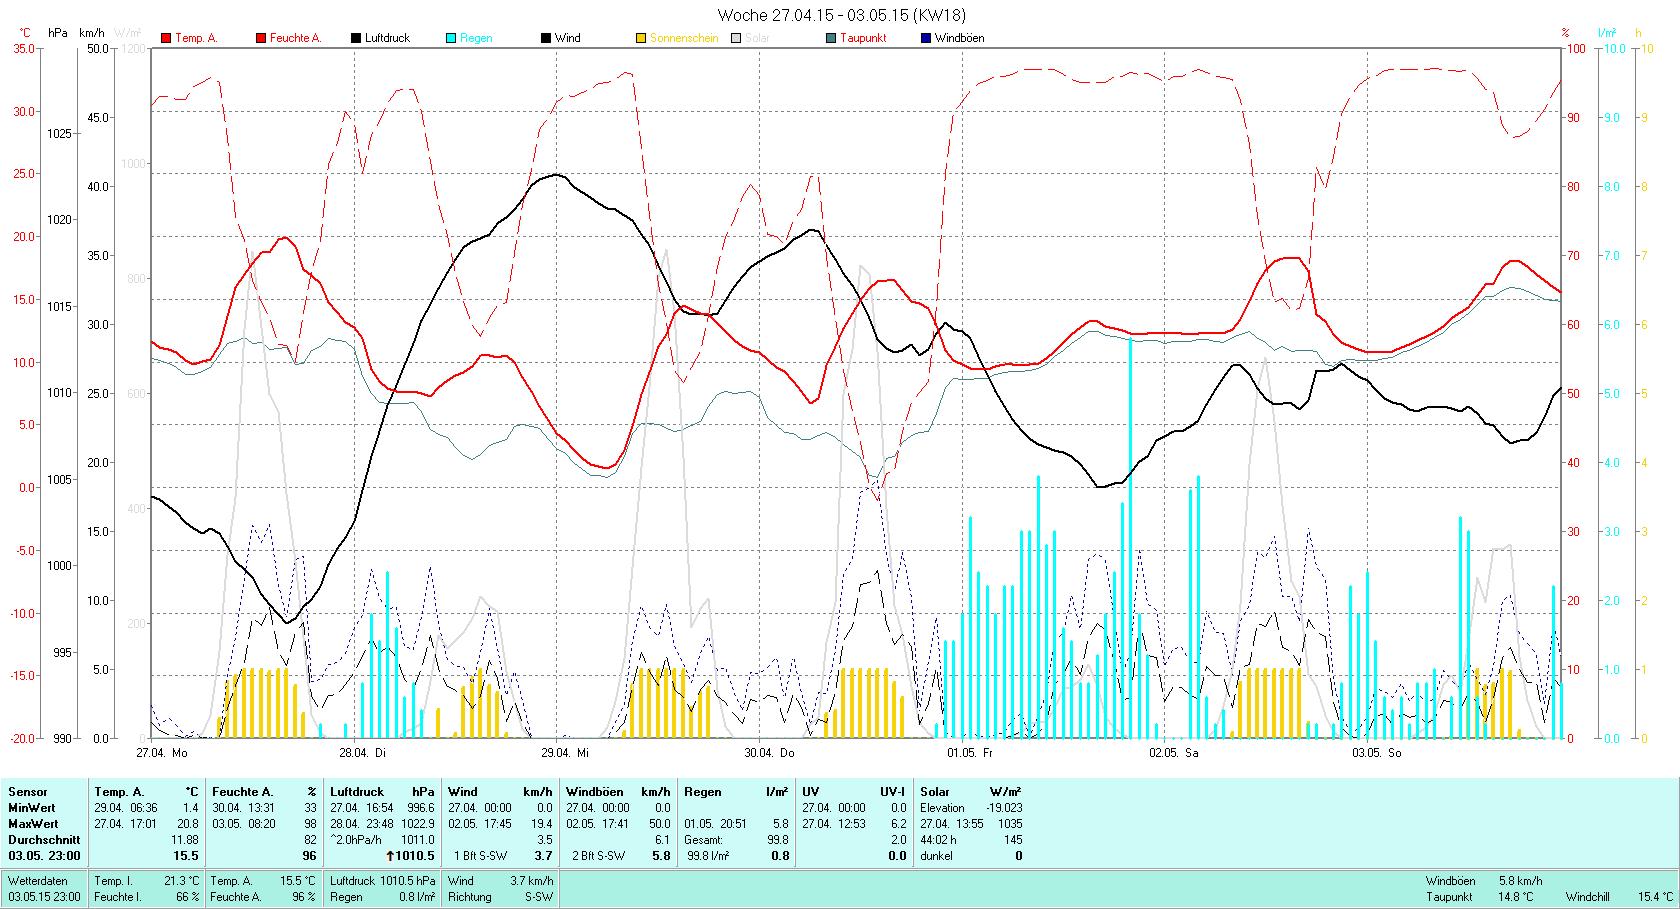 KW 18 Tmin  1.4°C, Tmax 20.8°C, Sonne 44:02h, Niederschlag 99.8mm/2